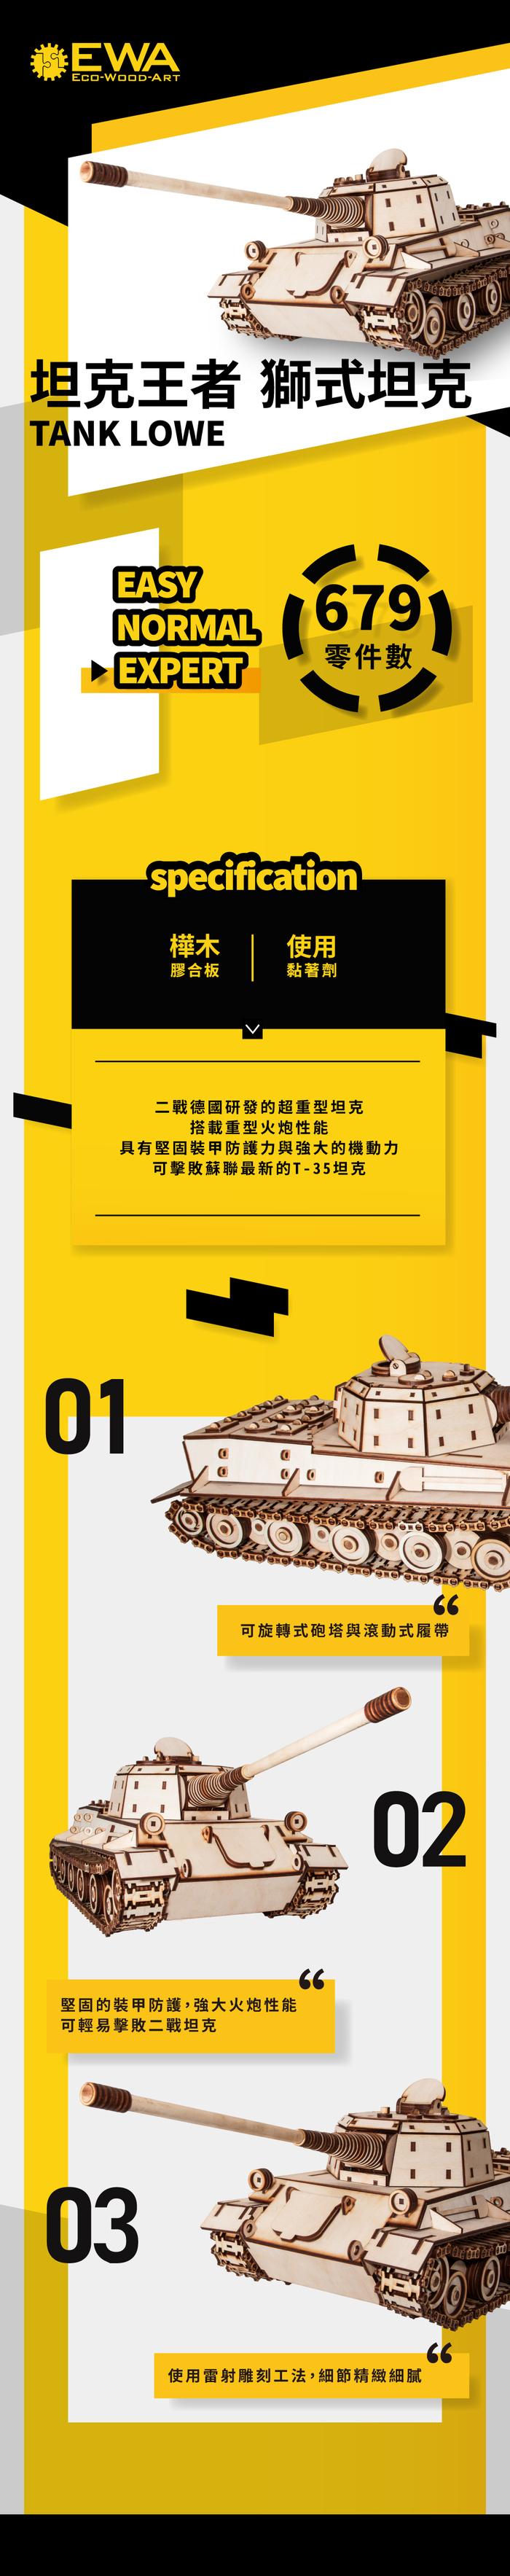 (複製)EWA|動力模型 - 步兵殺手投石車